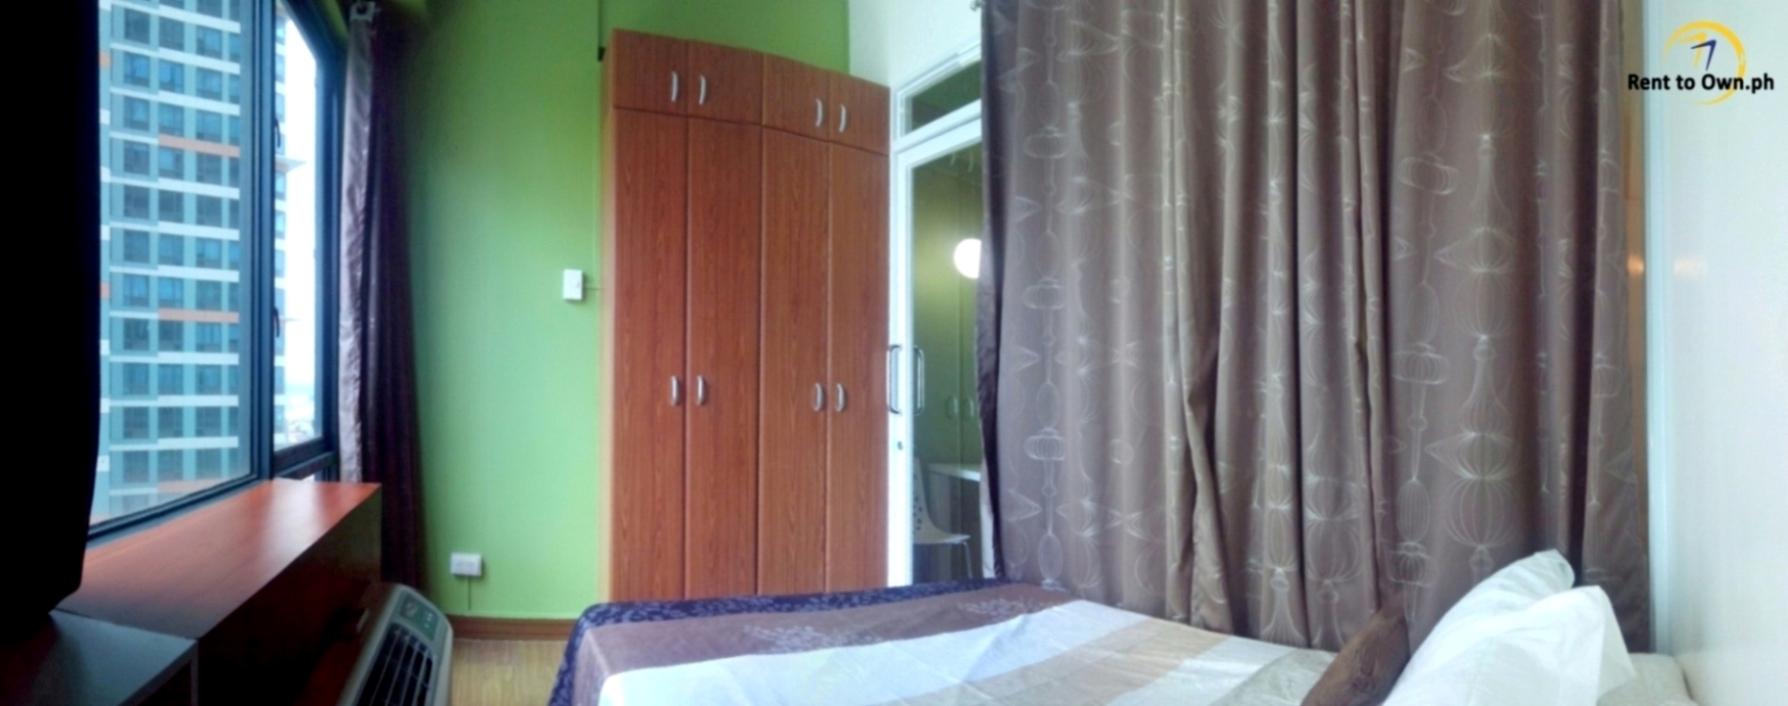 Bedroom 2 - http://www.renttoown.ph